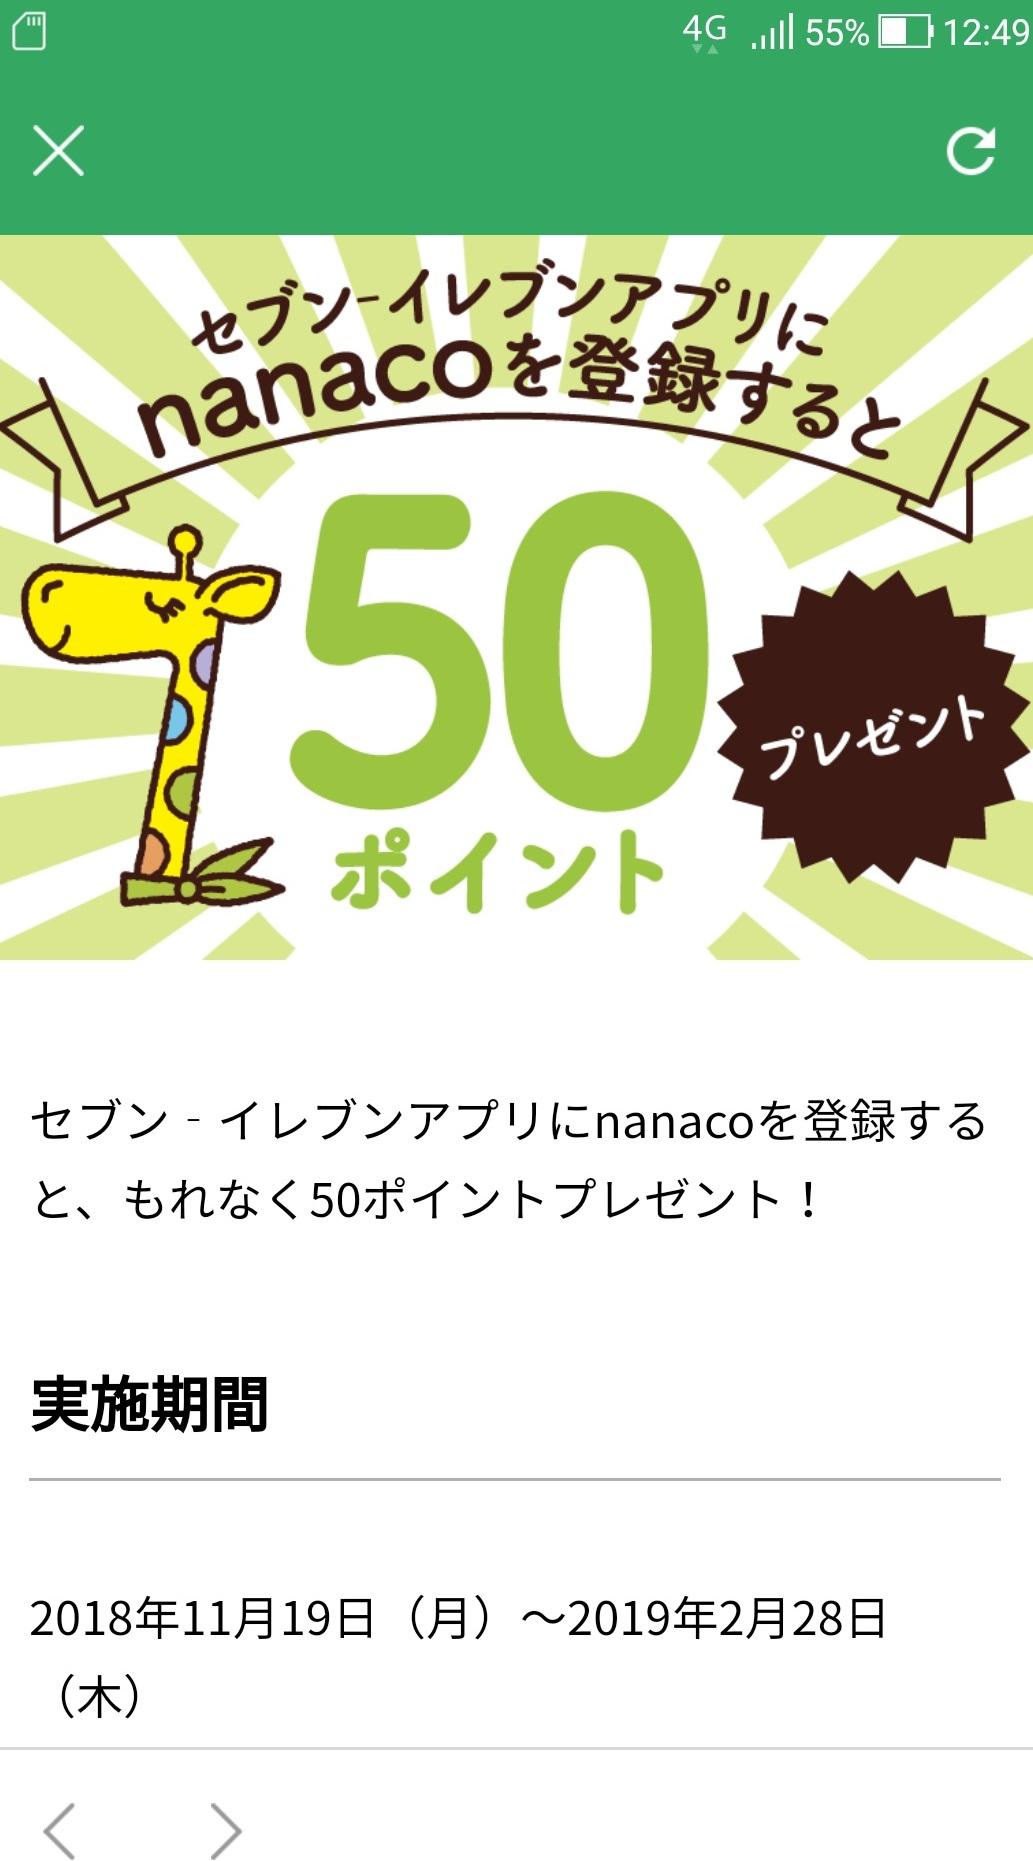 seven_app_nanaco3.jpg